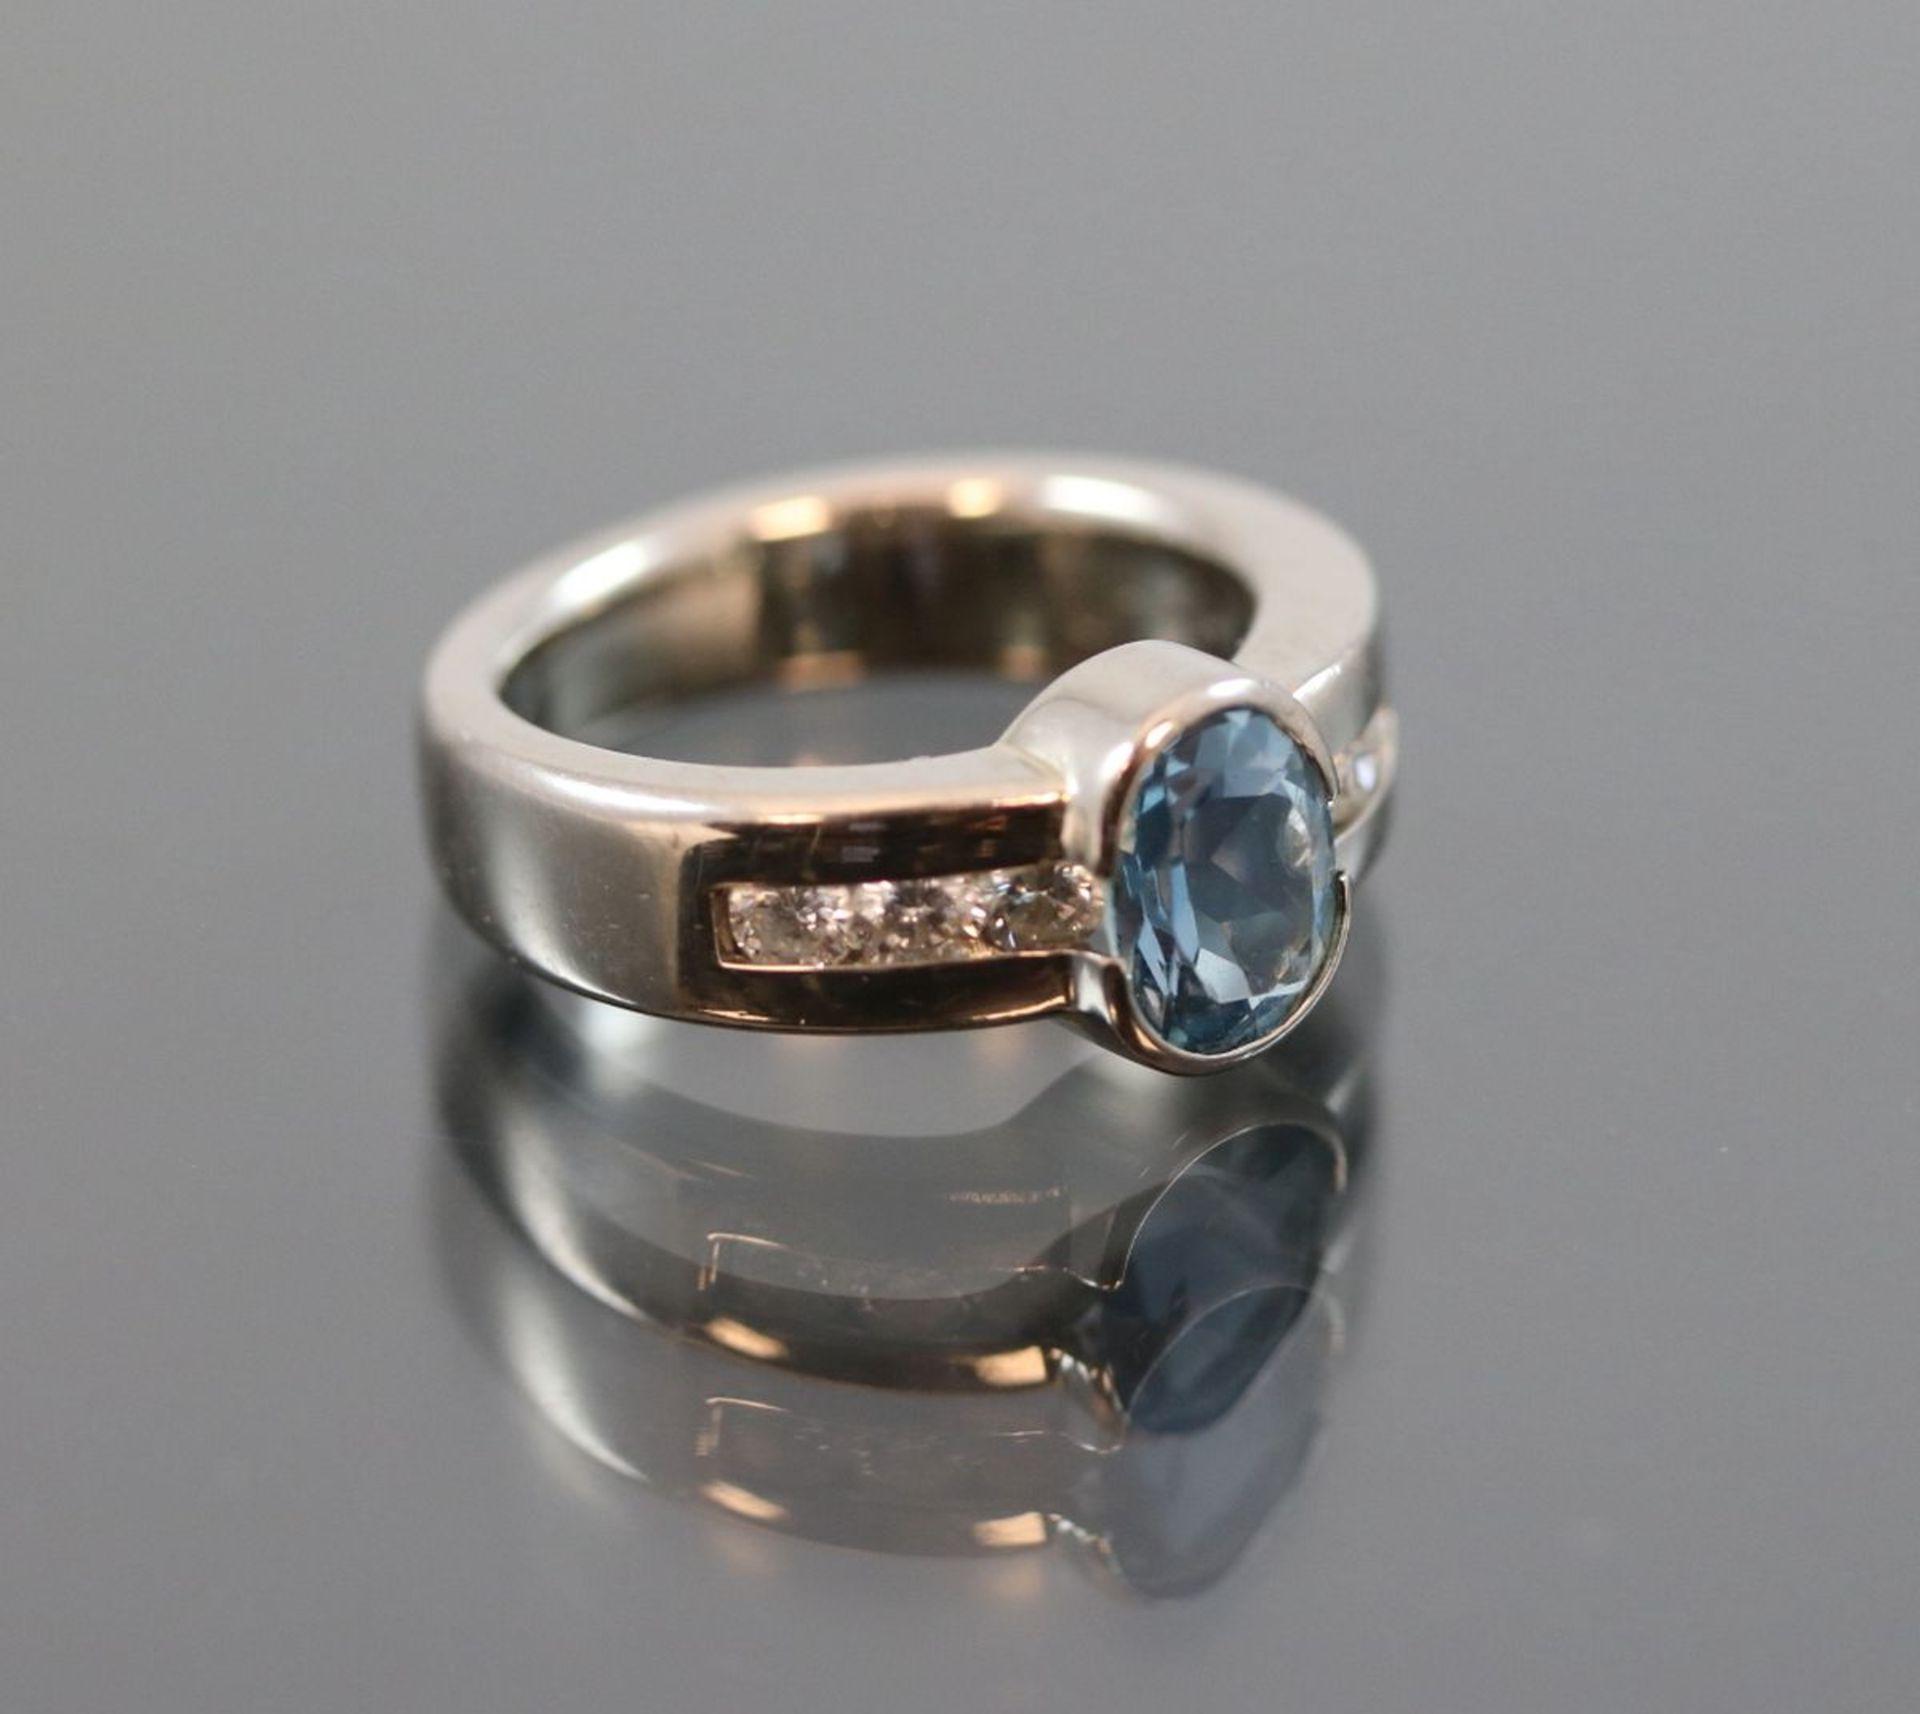 Aquamarin-Brillant-Ring, 585 Weißgold8,50 Gramm 6 Brillanten, 0,42 ct., tw/vsi. Ringgröße: - Bild 3 aus 3